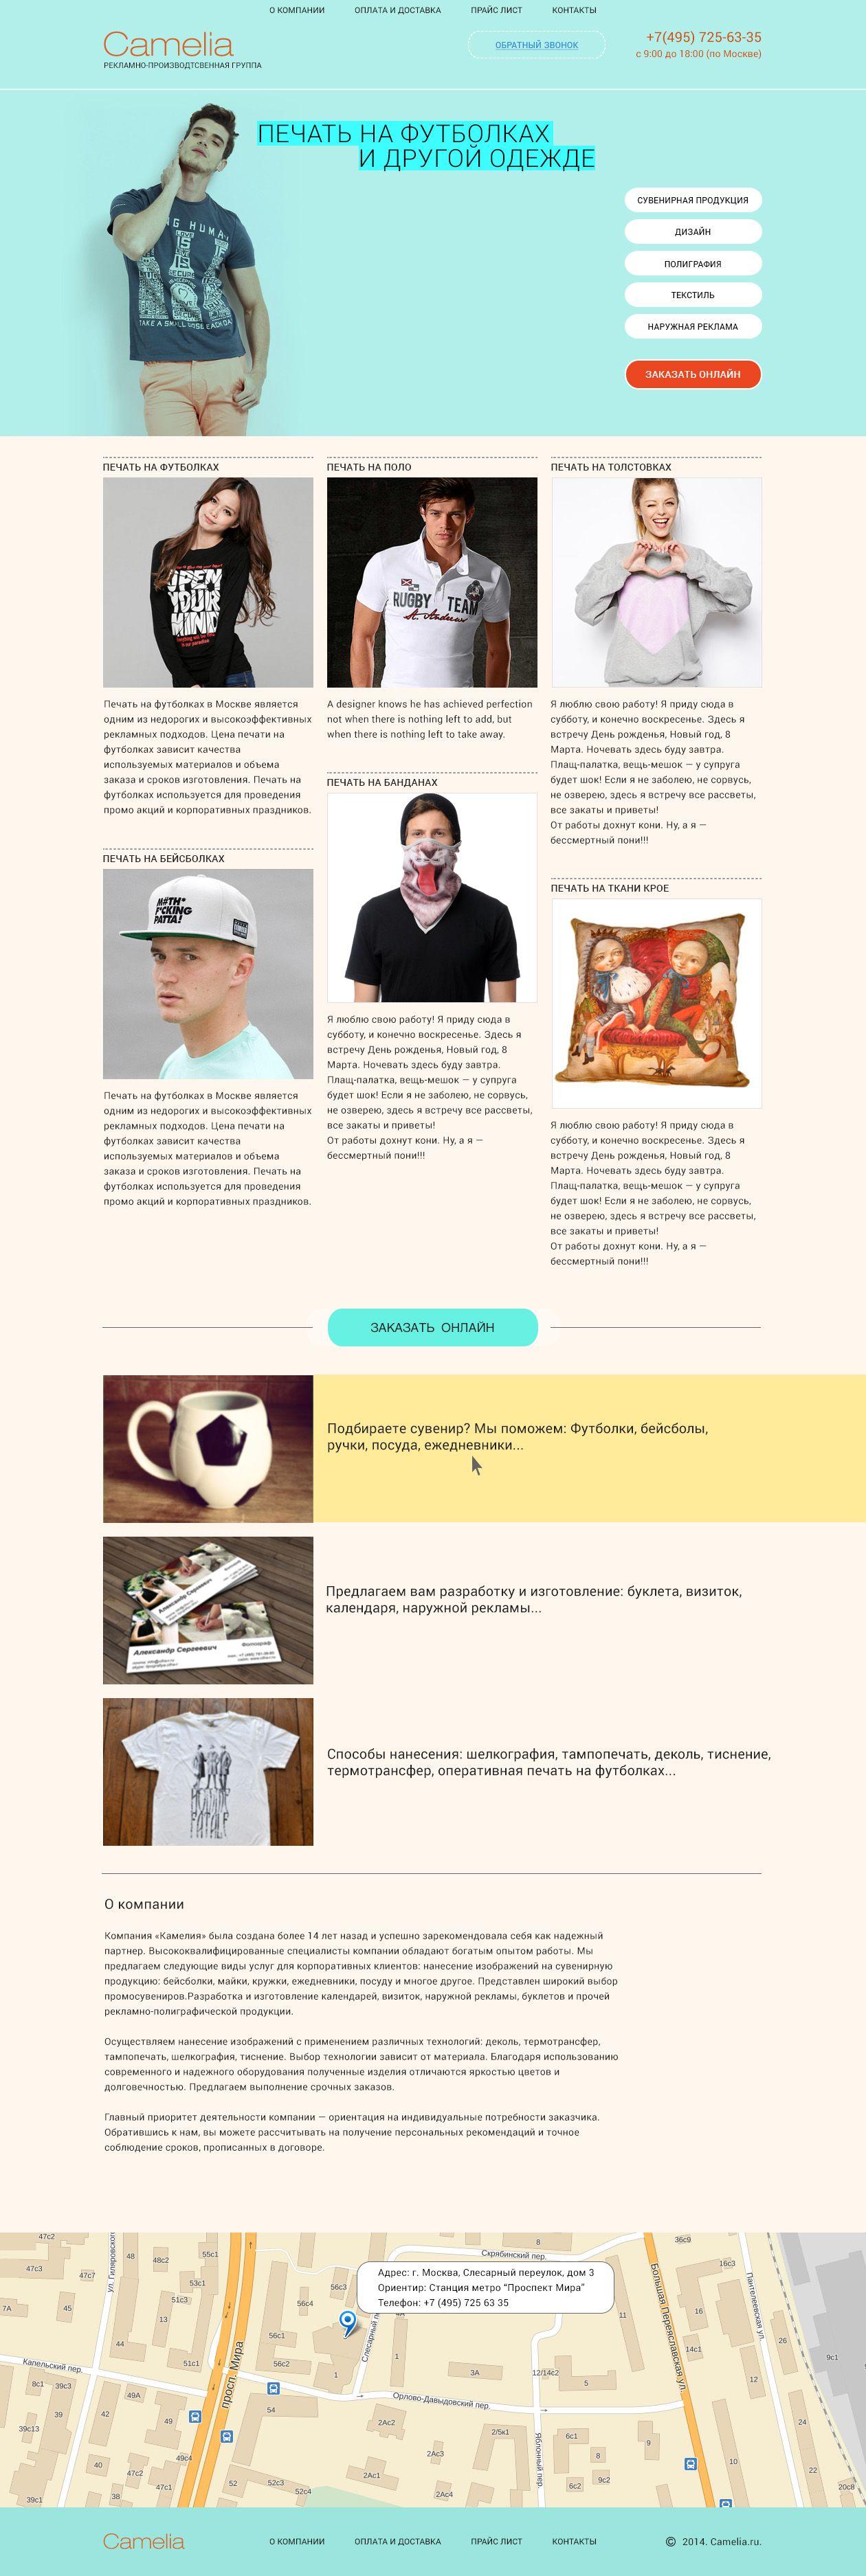 Дизайн главной страницы сайта - дизайнер yunus219